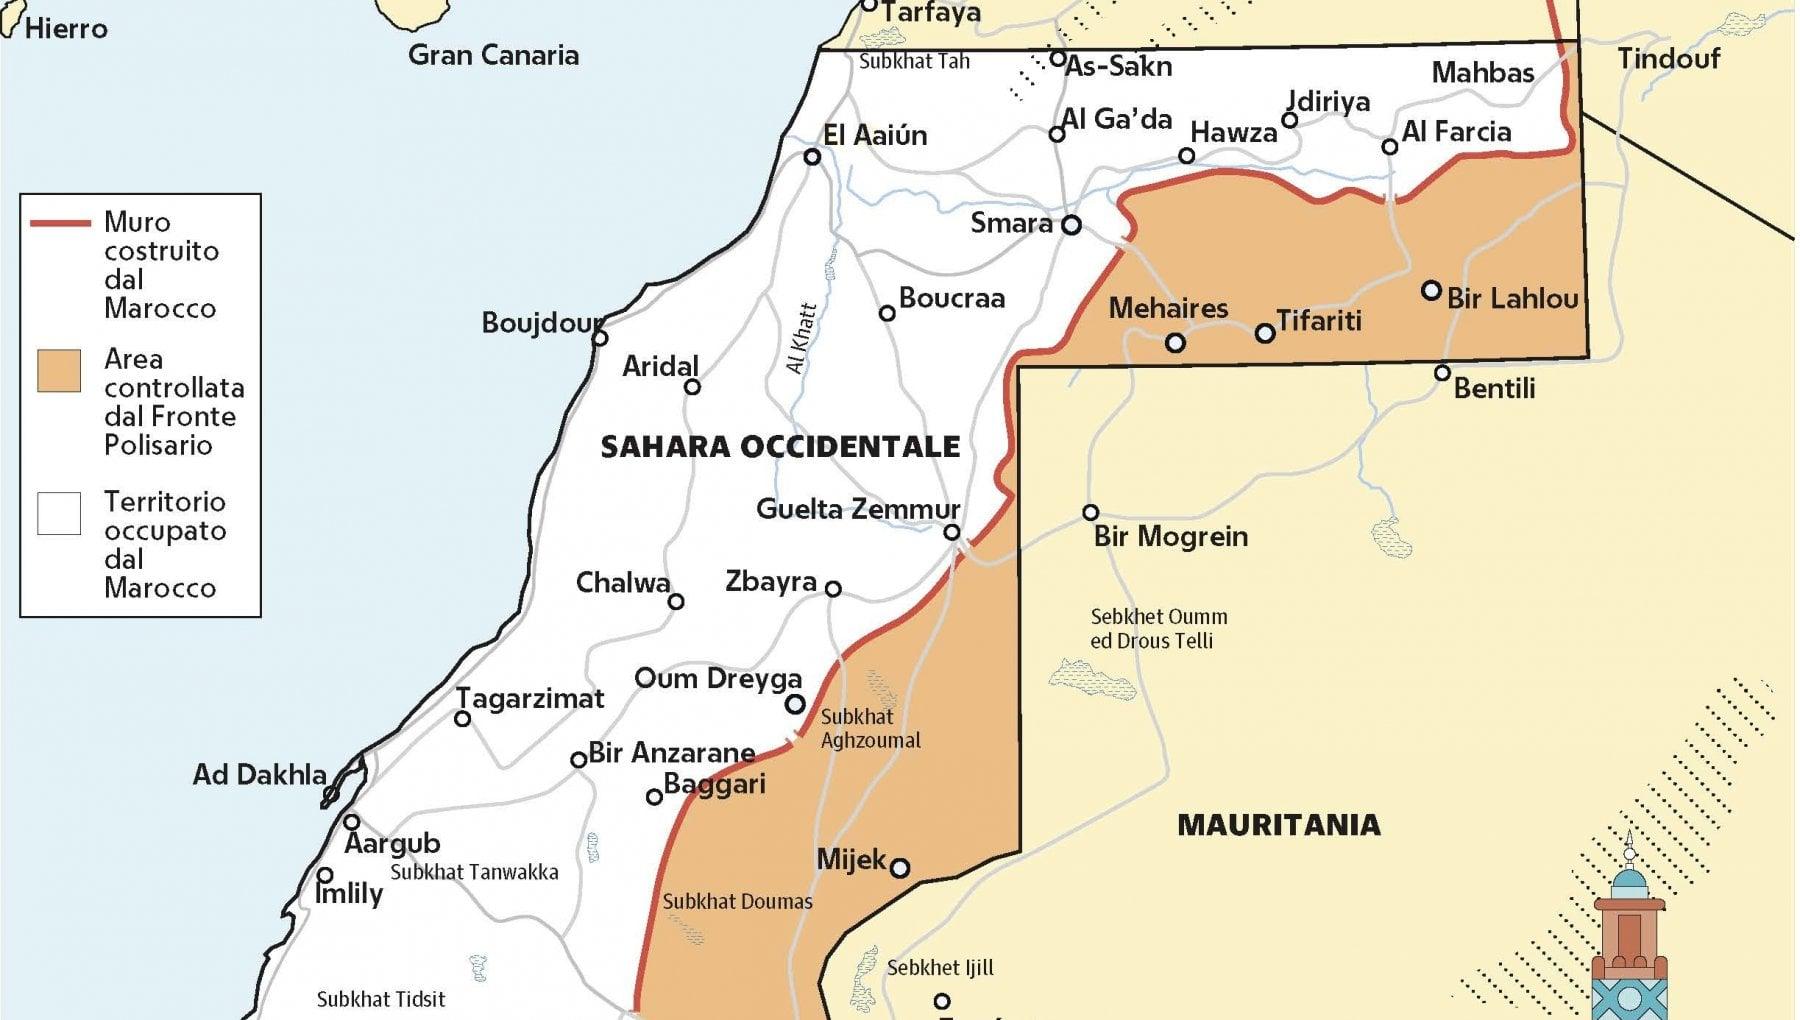 Cartina Politica Del Marocco.Le Ricchezze Dietro La Guerra Infinita Del Sahara Occidentale La Repubblica